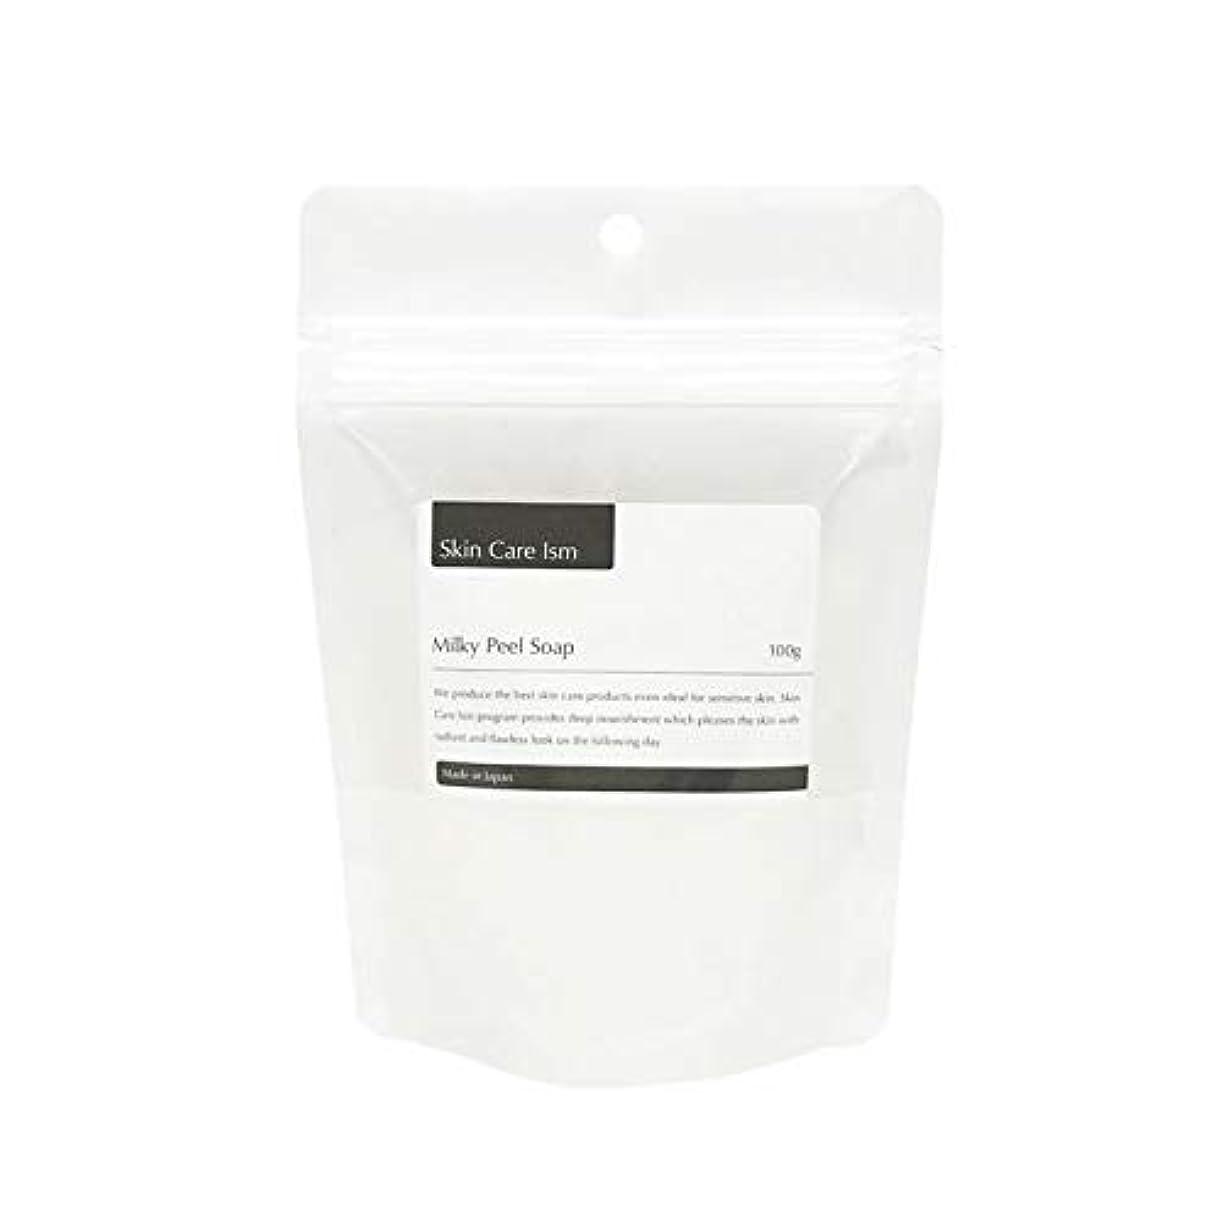 世紀再現するブロー【Skin Care Ism / Milky Peel Soap】スキンケアイズム?ミルキーピールソープ